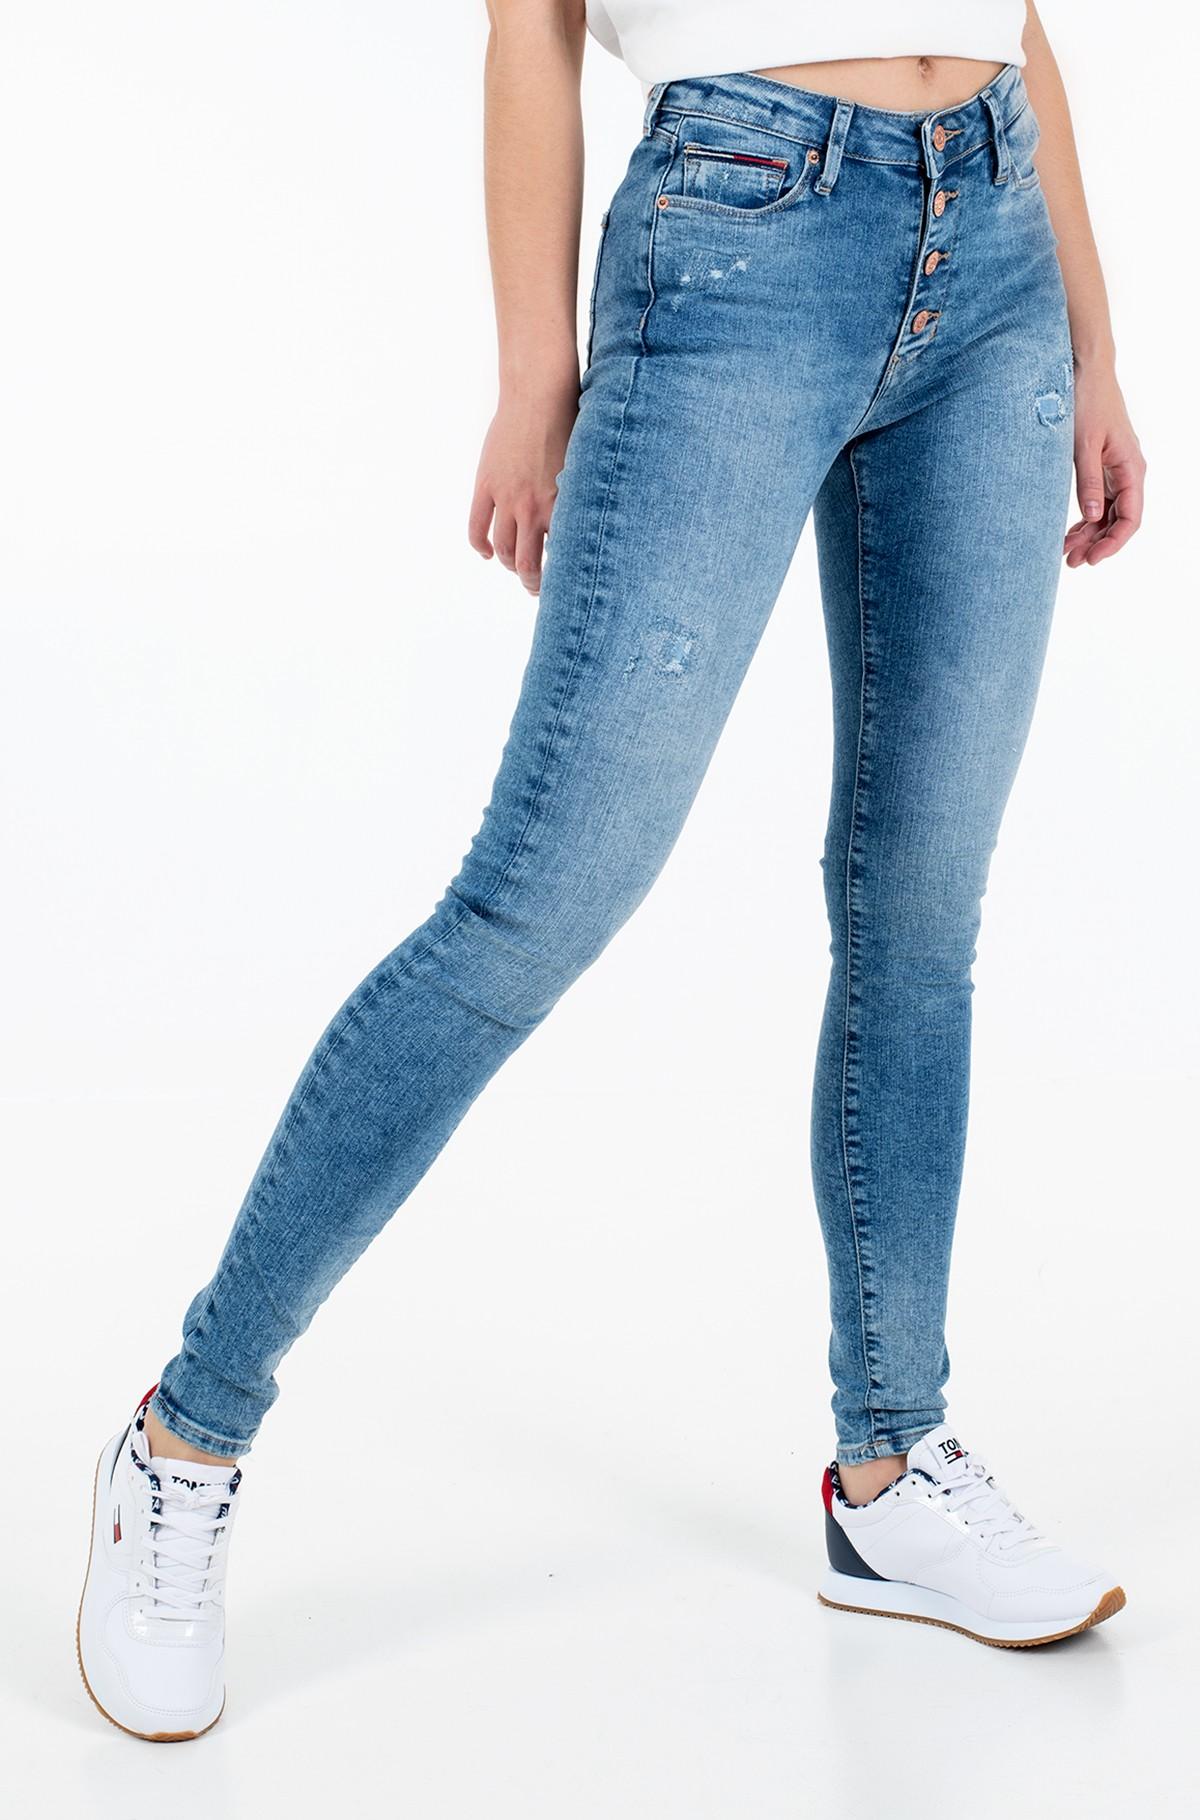 Jeans SYLVIA HR SPR SKNY BTN FLY MMBD-full-1